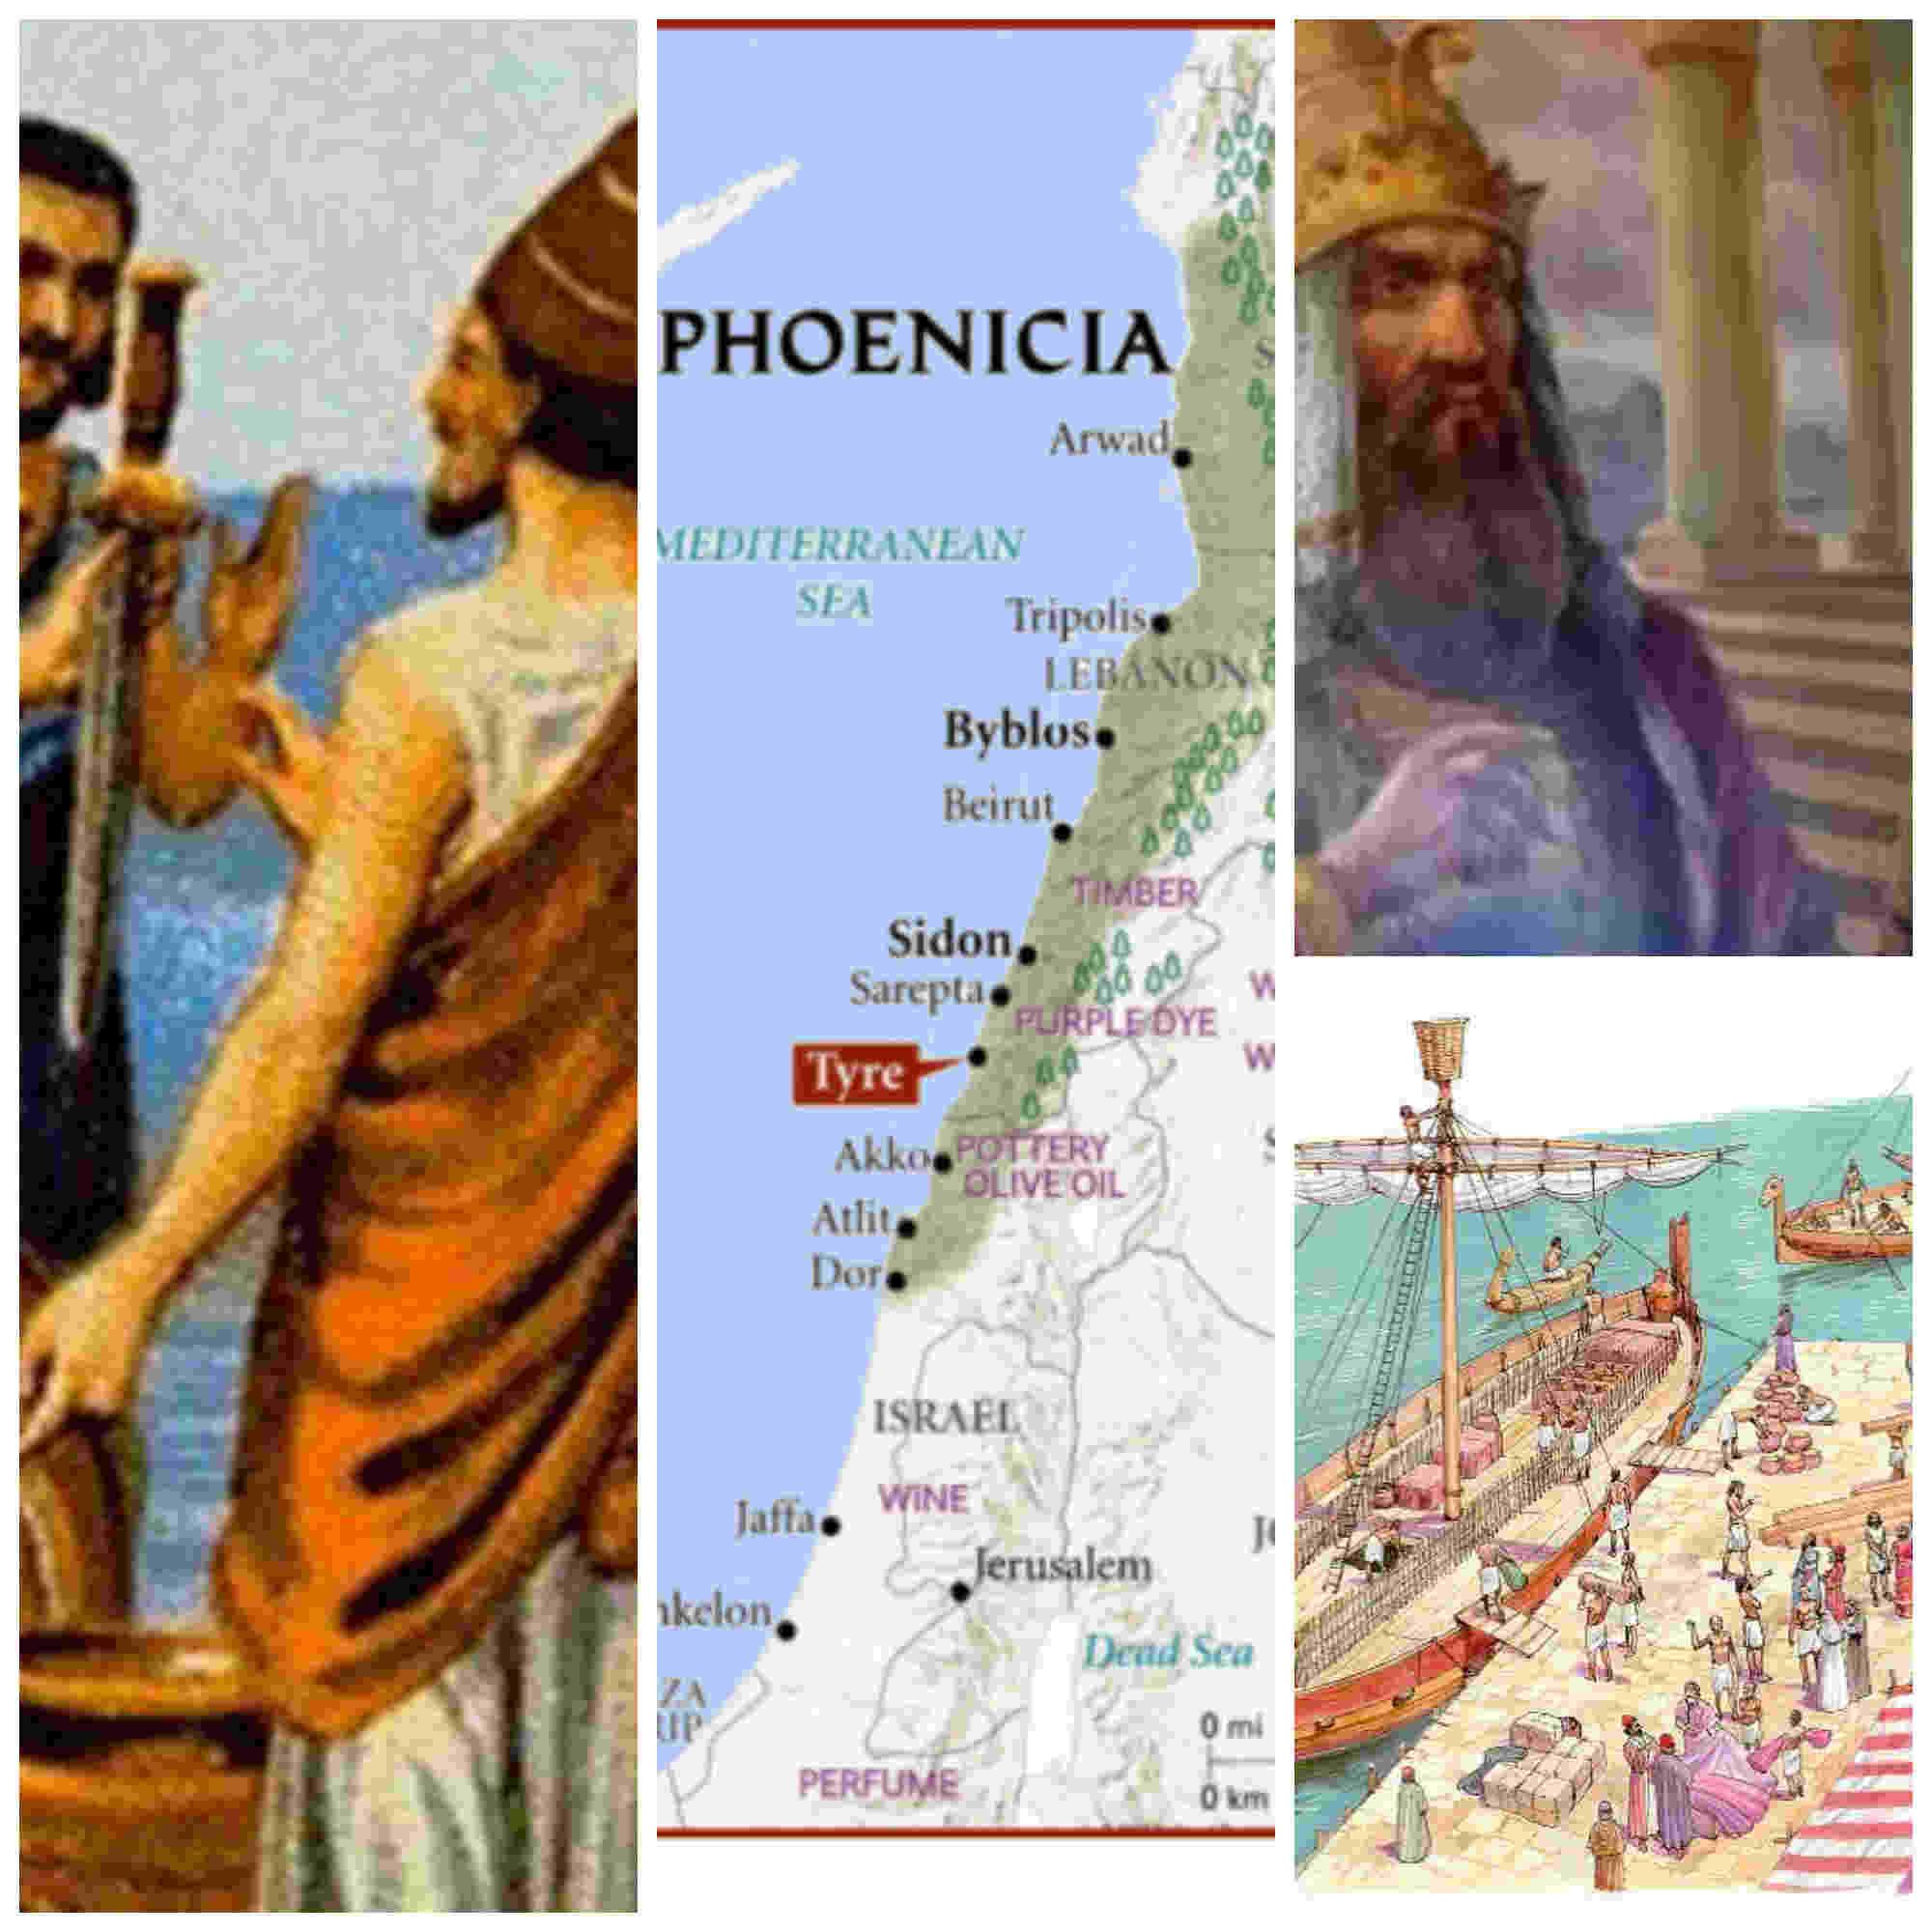 Tiro, la Ciudad Estado Fenicia